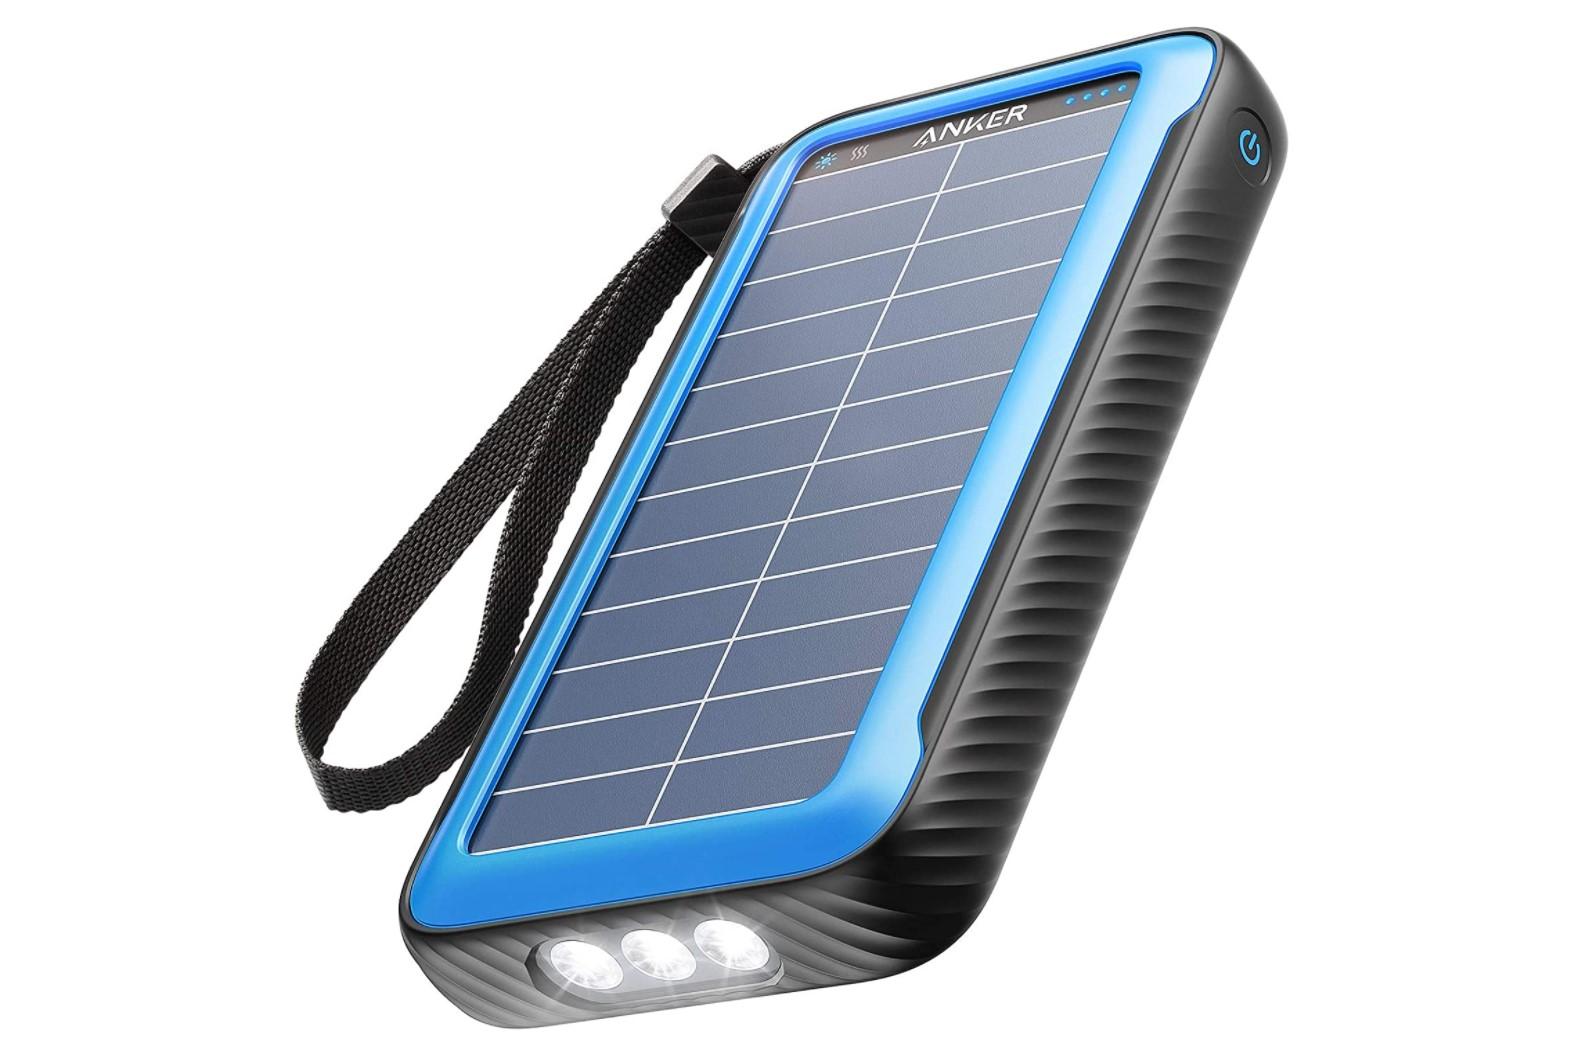 20000 anker solar